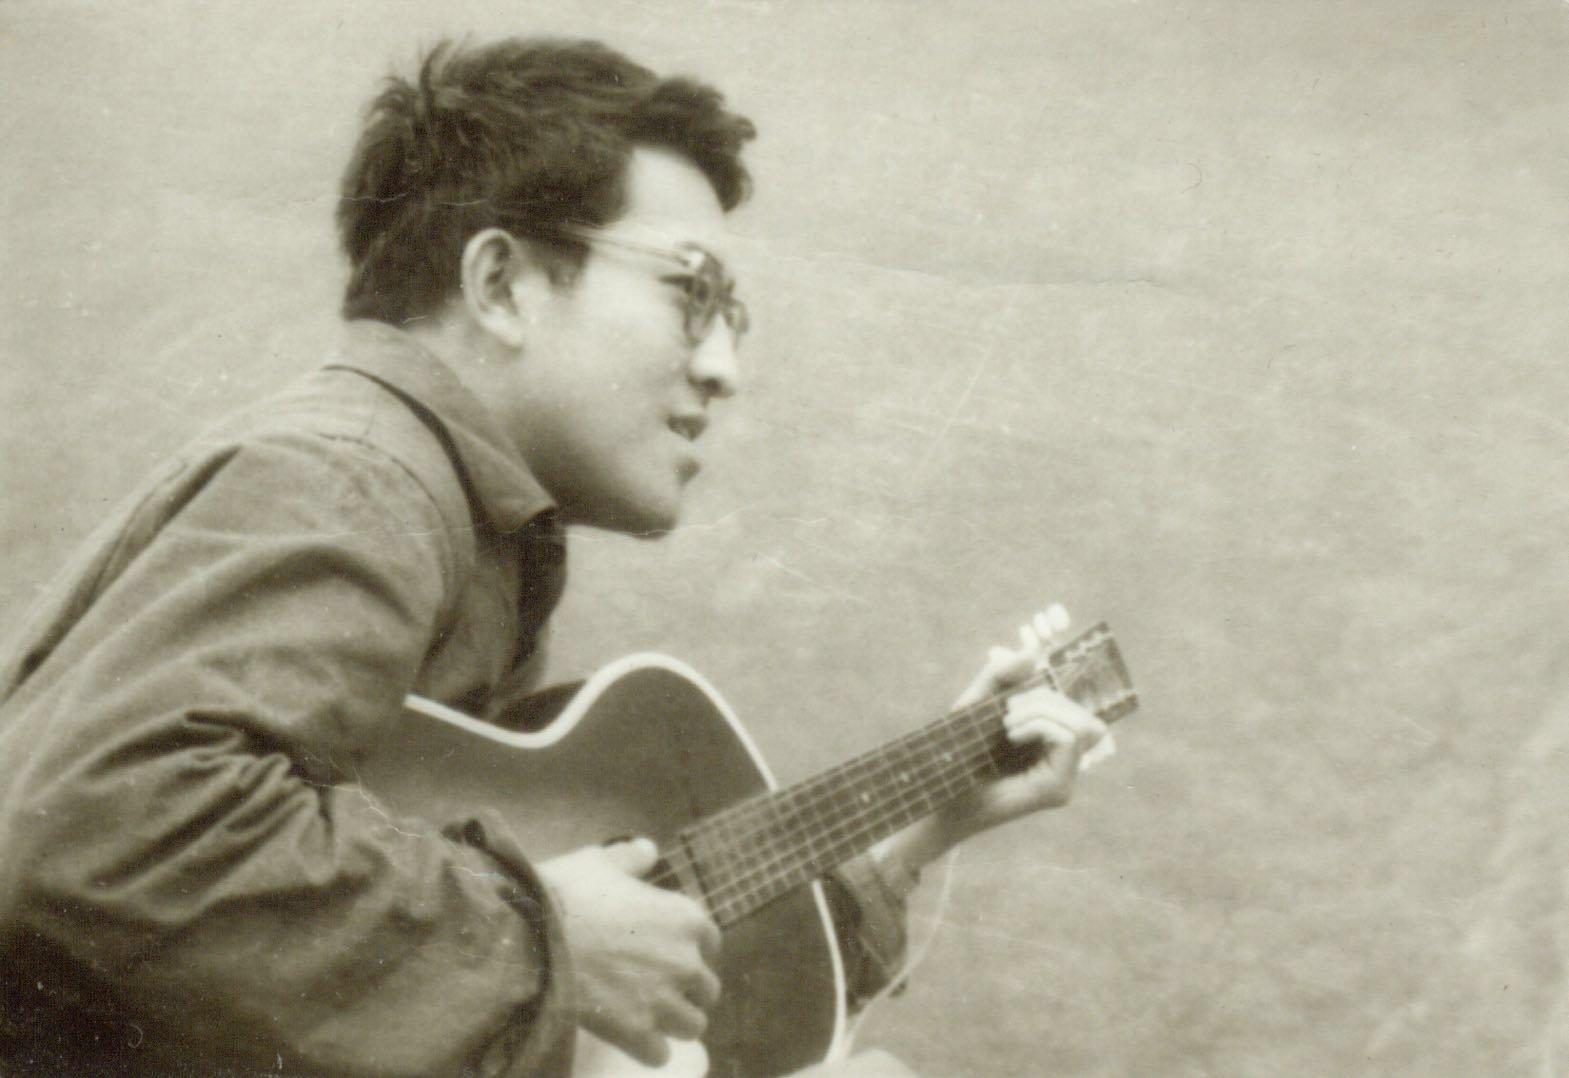 从小田浩江就能听到俄罗斯和苏联的音乐。部分原因,就是在他年轻时收集的歌曲中,几乎一半是苏联歌曲。其中包括《小路》、《山楂树》、《我亲爱的母亲》等等。